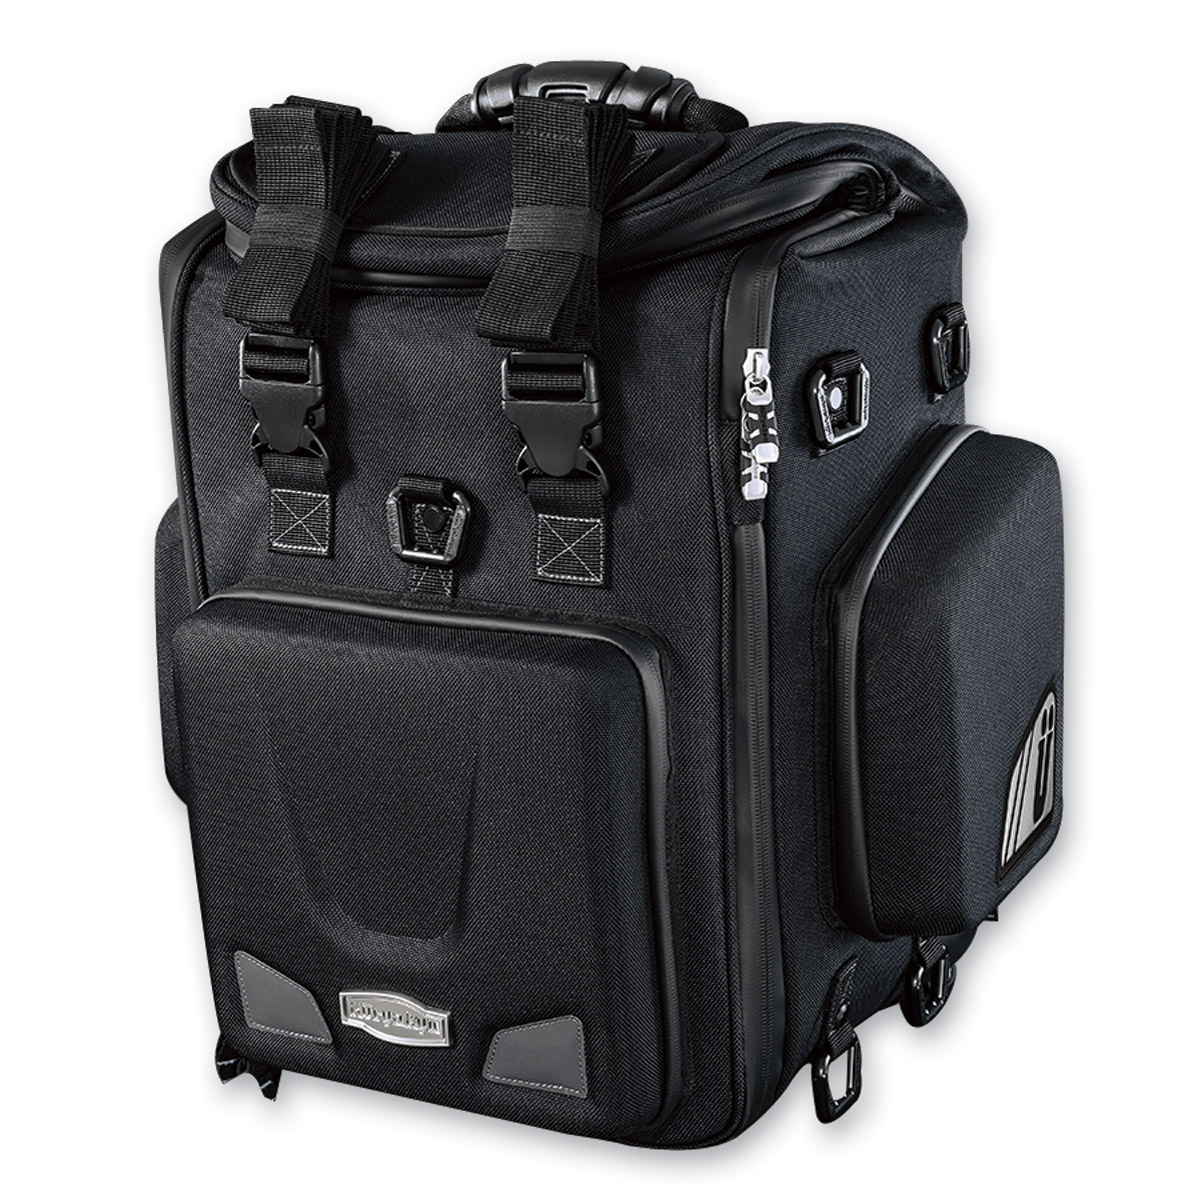 Luggage Rack Motorcycle Bags Motorcycle Nylon Rack Sissy T